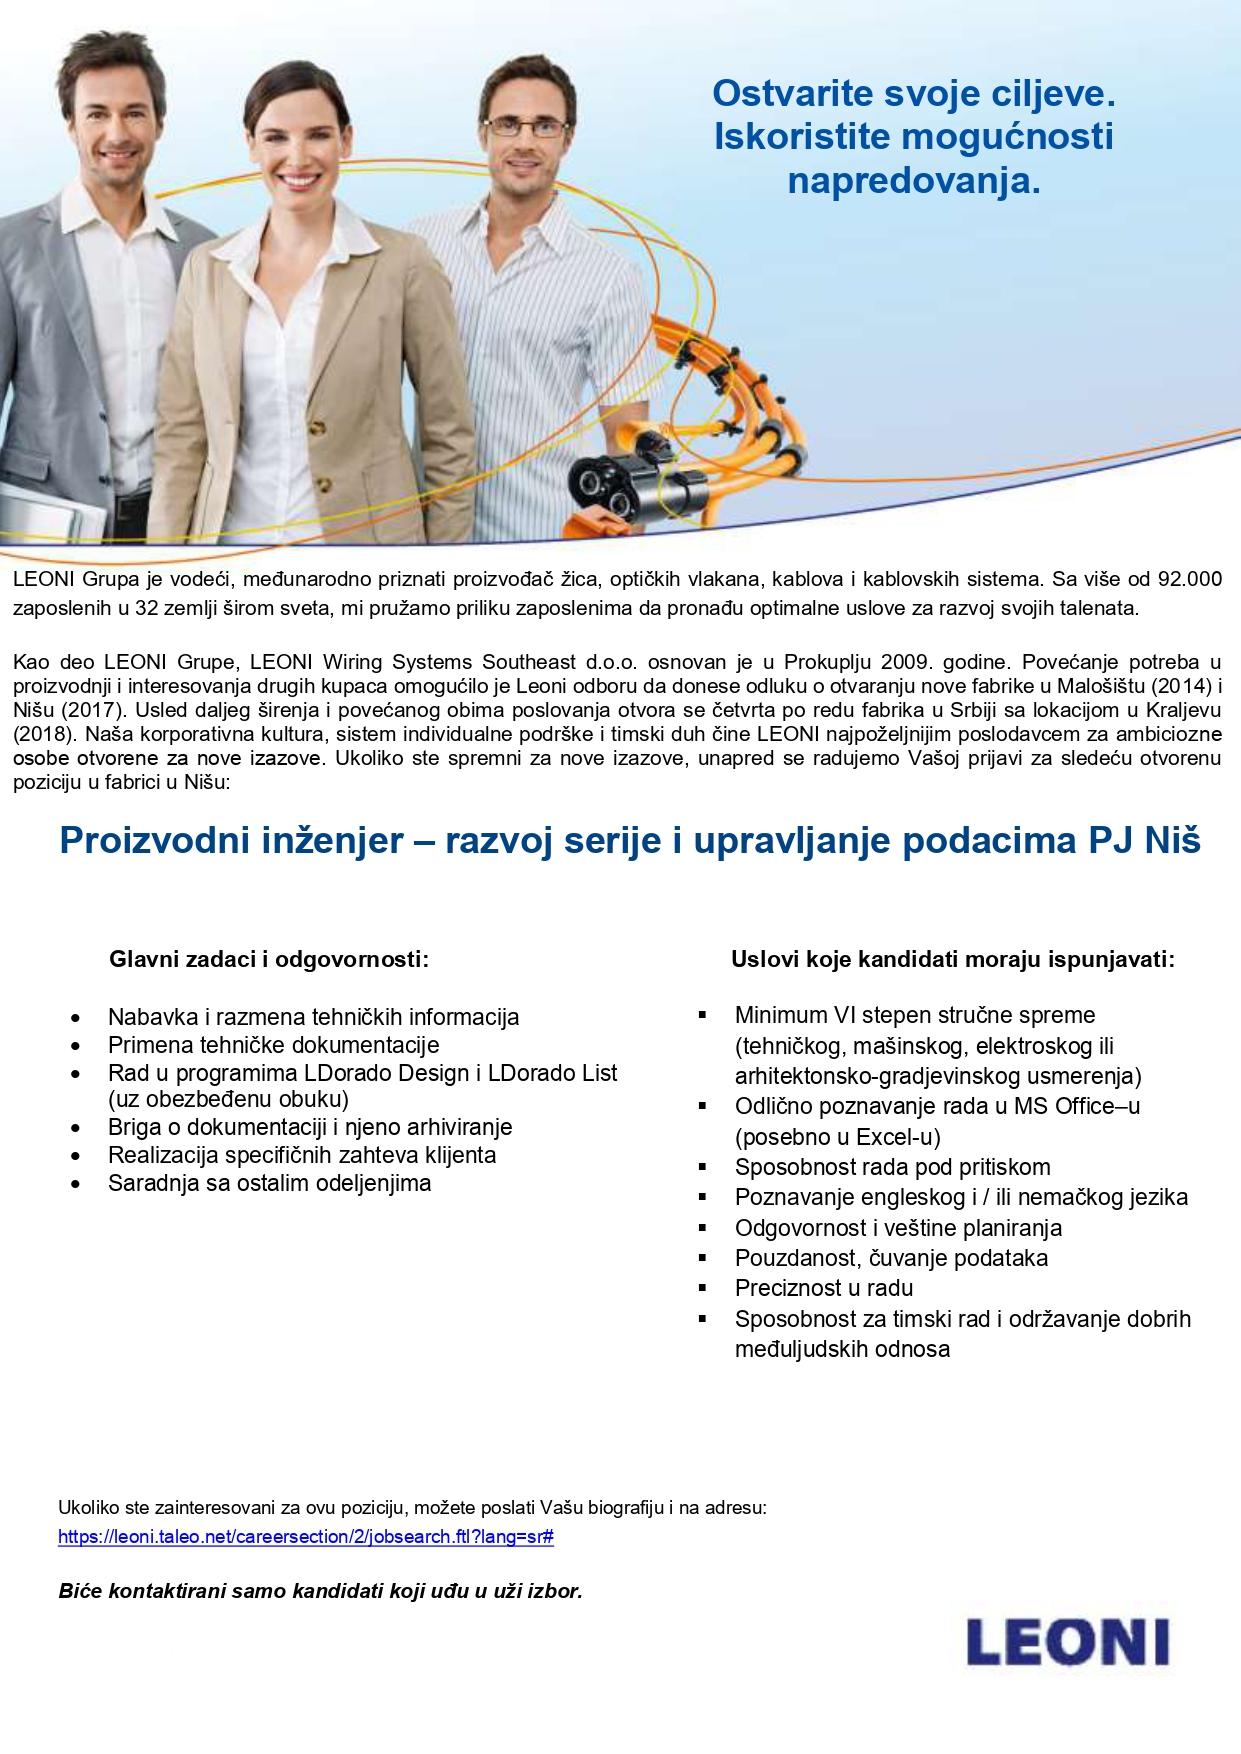 Proizvodni inženjer – razvoj serije i upravljanje podacima PJ Niš